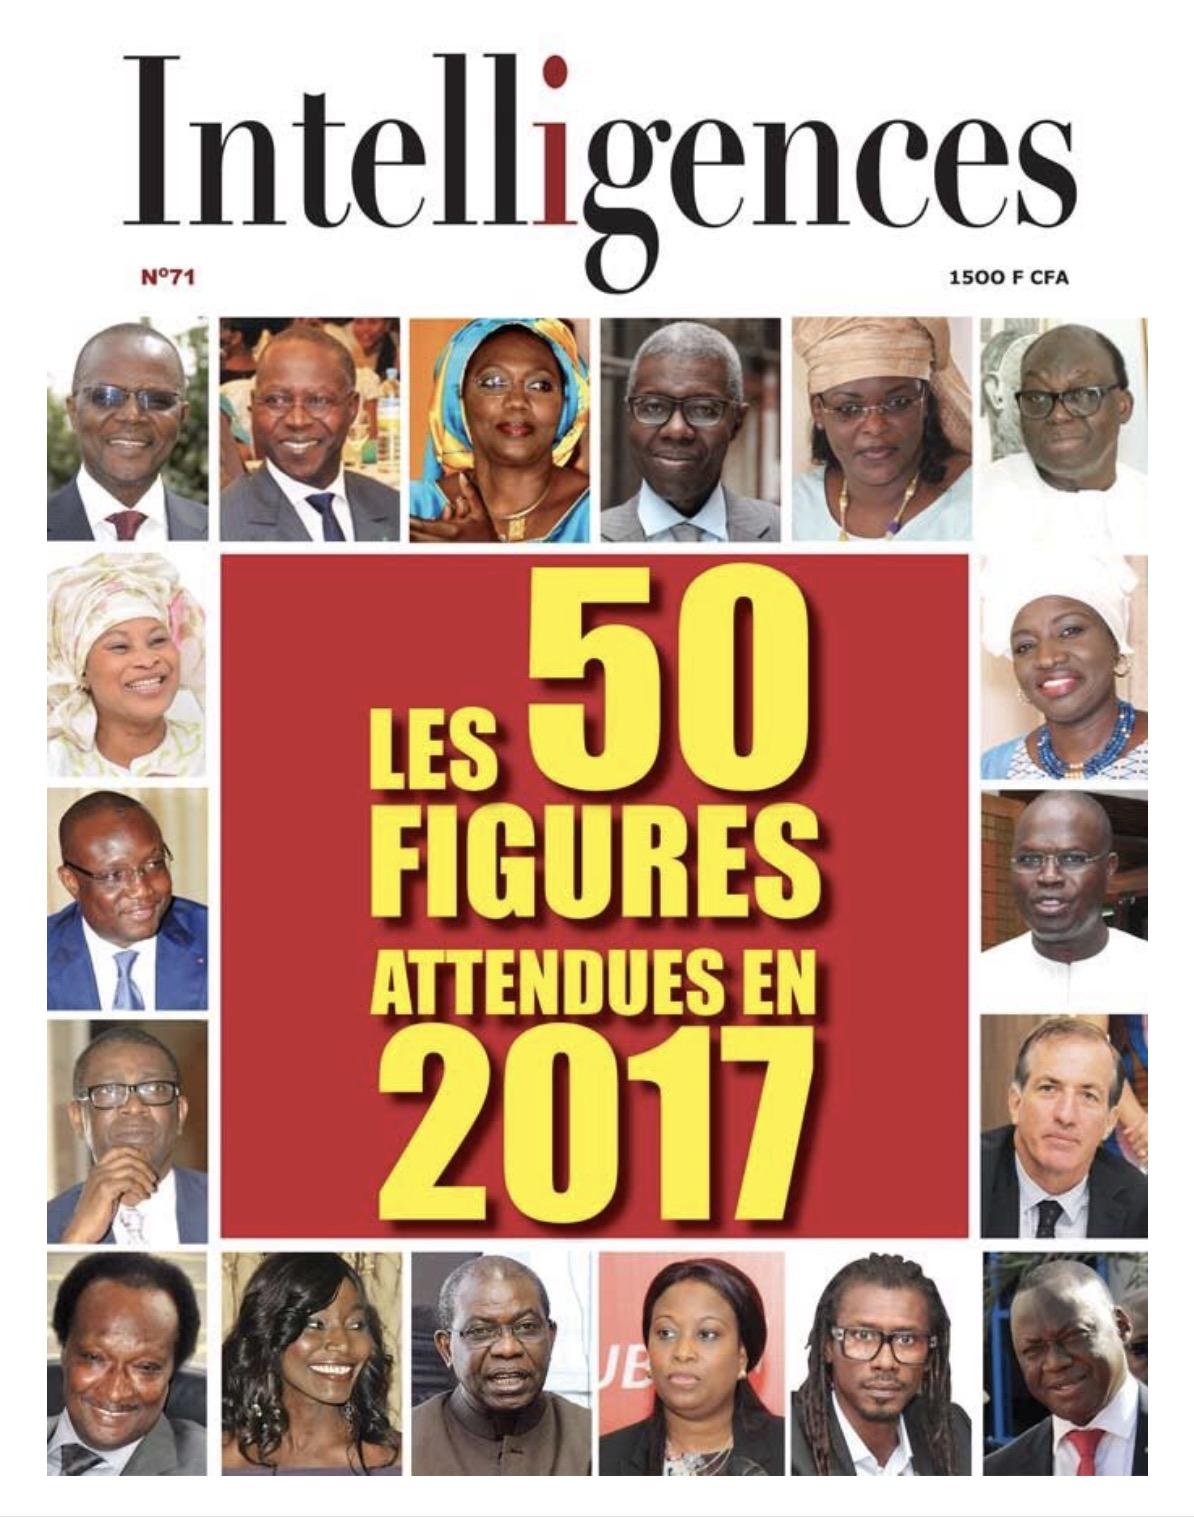 UNE DE INTELLIGENCES MAGAZINE : Un palmarès de 50 figures attendues en 2017